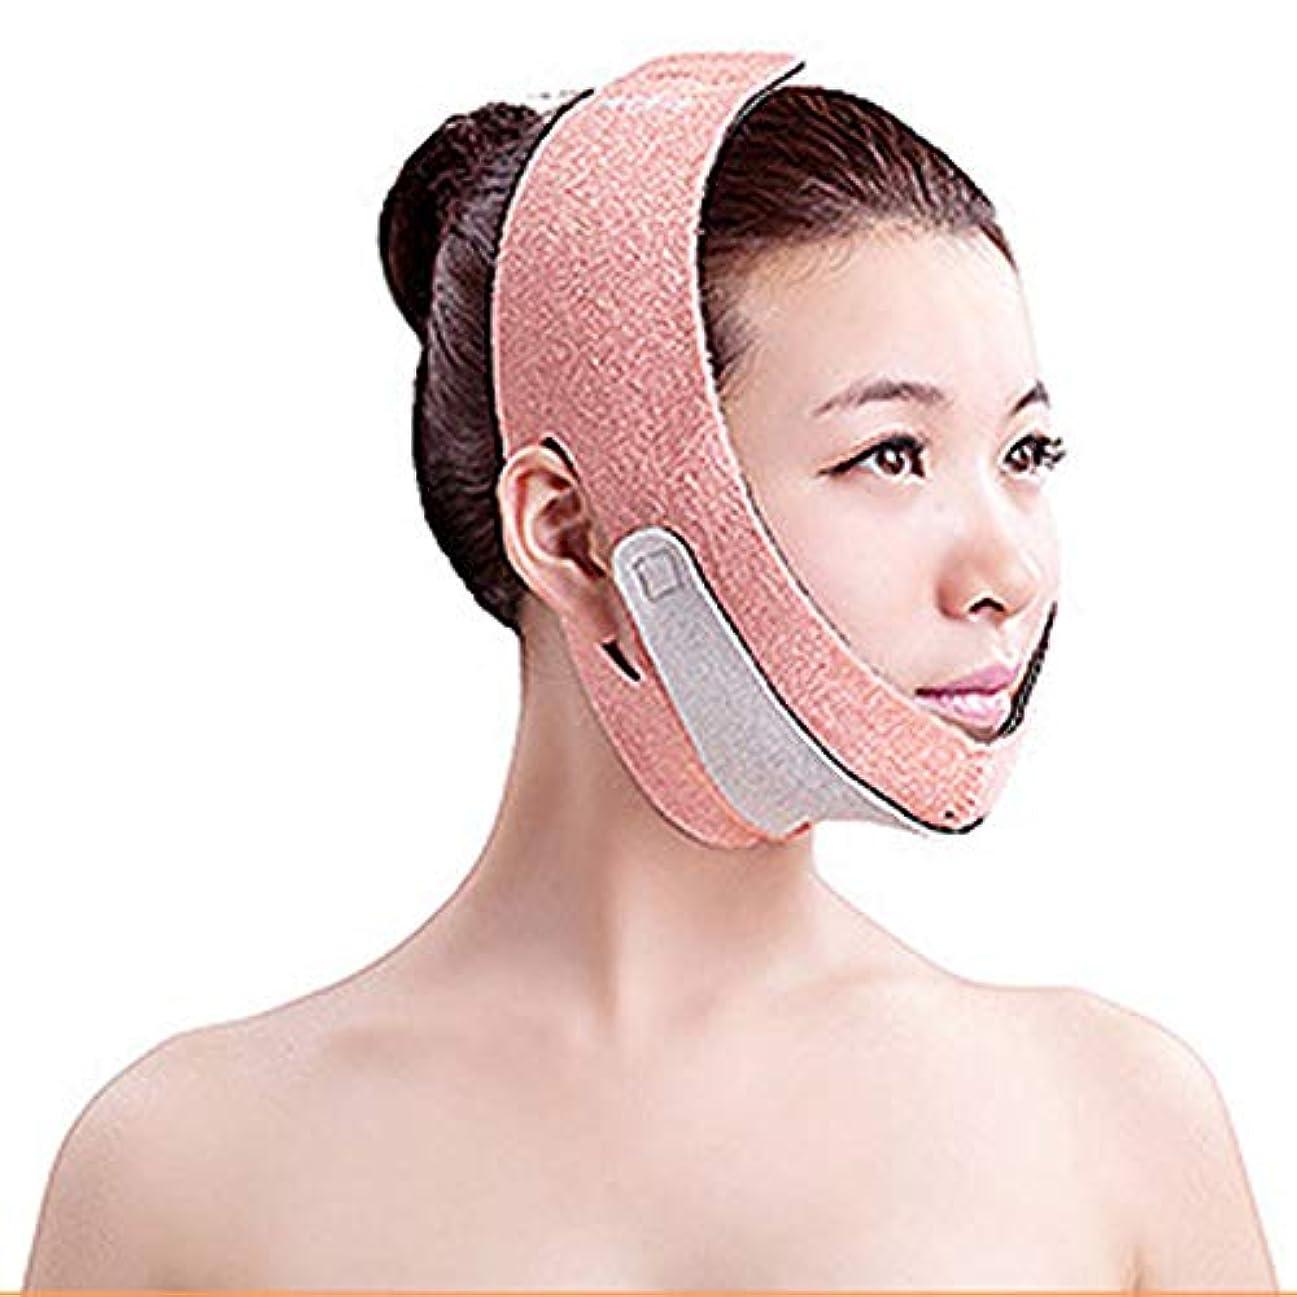 ポップ交流するドアV顔の強力な持ち上げツール、修正3D改装リフティング包帯二重あごの女性の抗しわの美しさフェイスリフティングアーティファクト睡眠包帯薄い顔二重あご無料呼吸,Orange